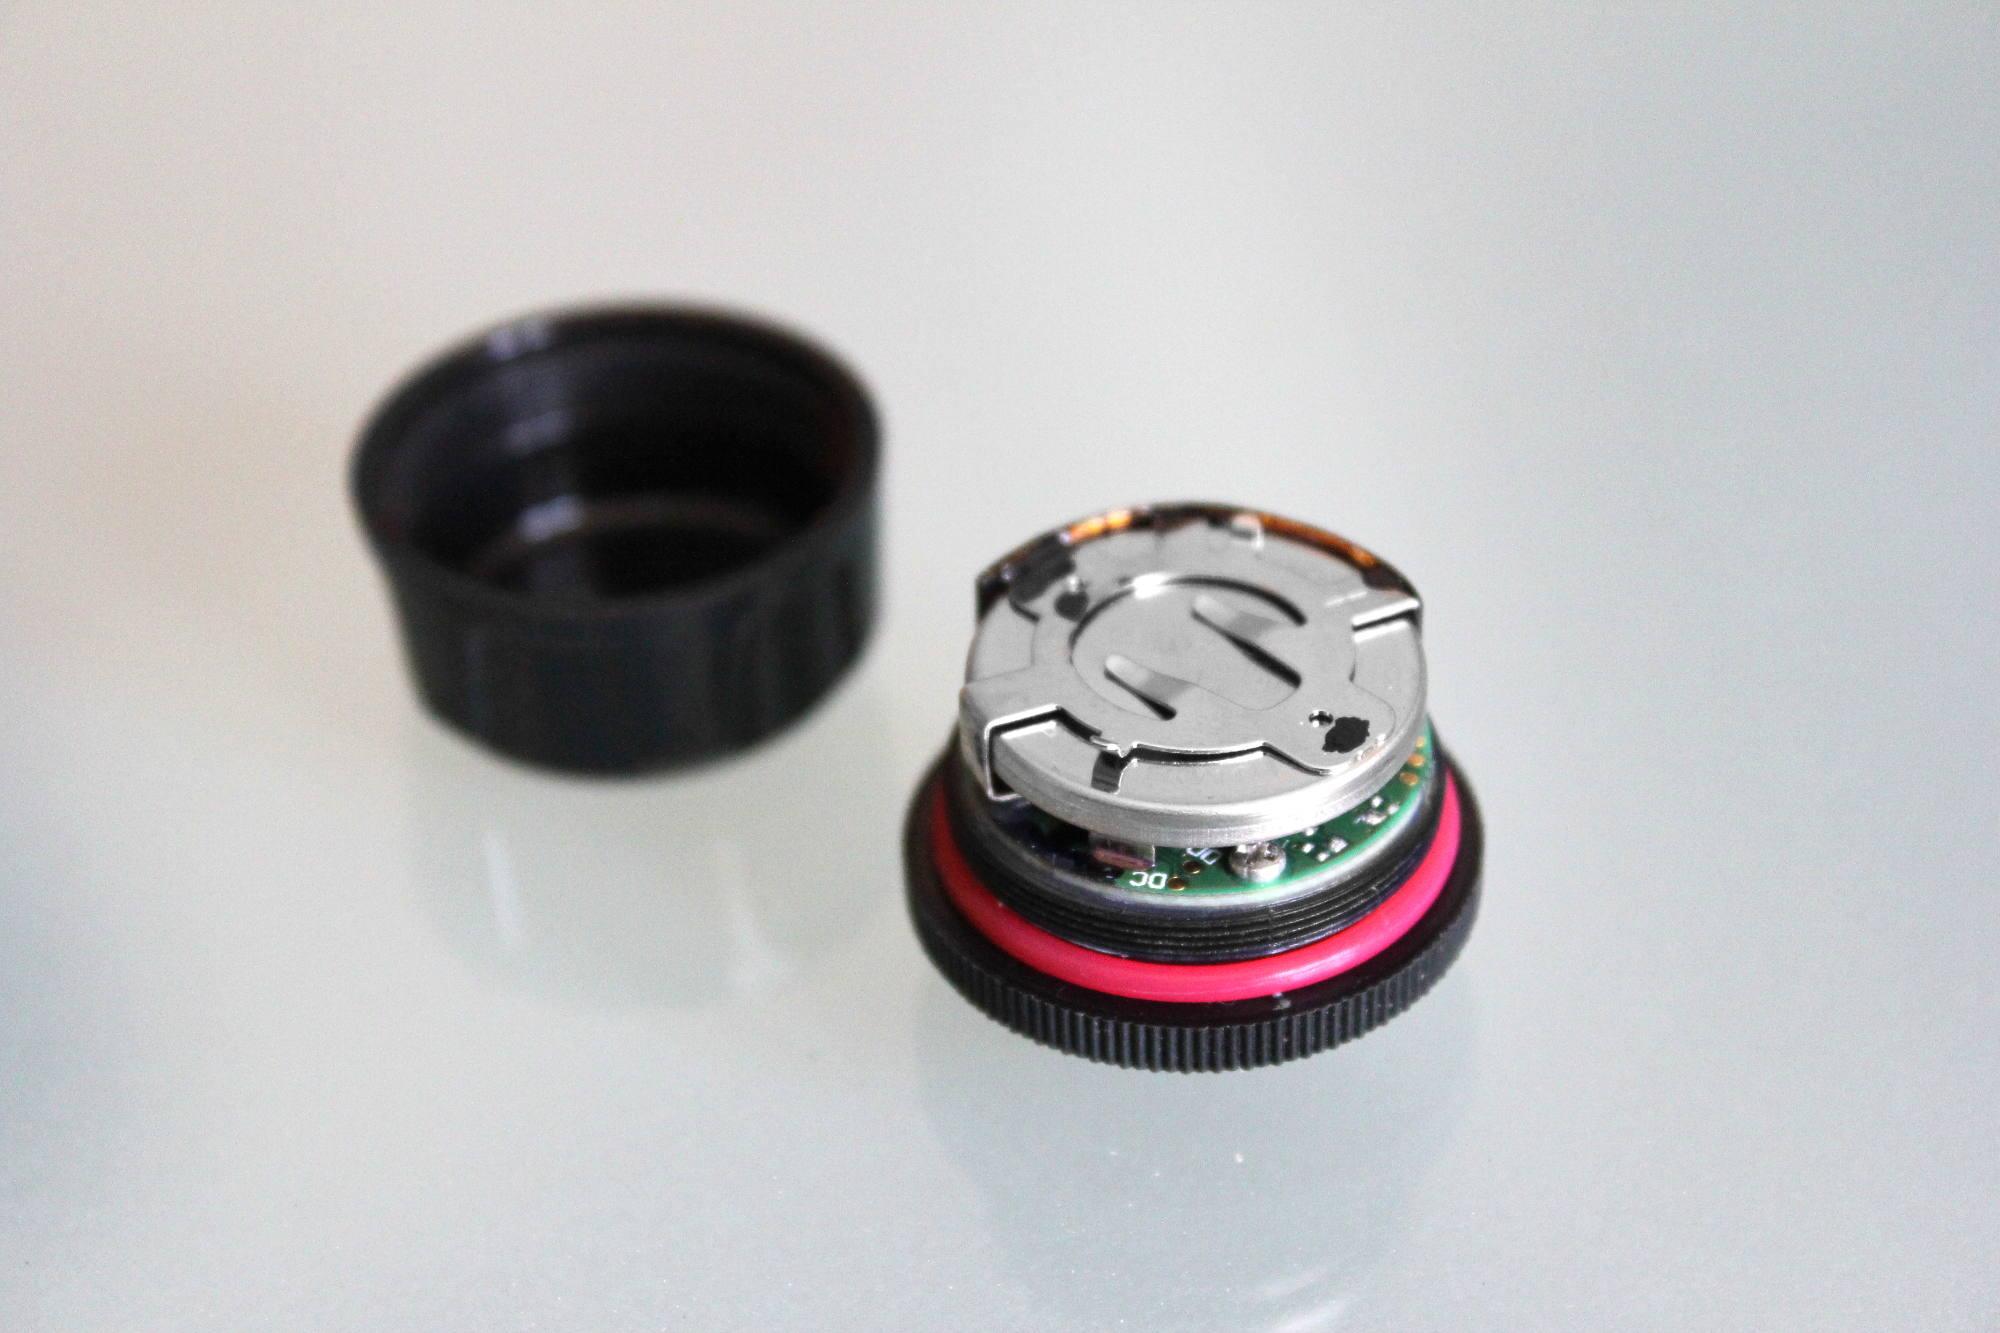 No llevan batería, sino una pila de botón CR2032, que dura mucho y es barata. ¡Fobo promete dos años de autonomía!